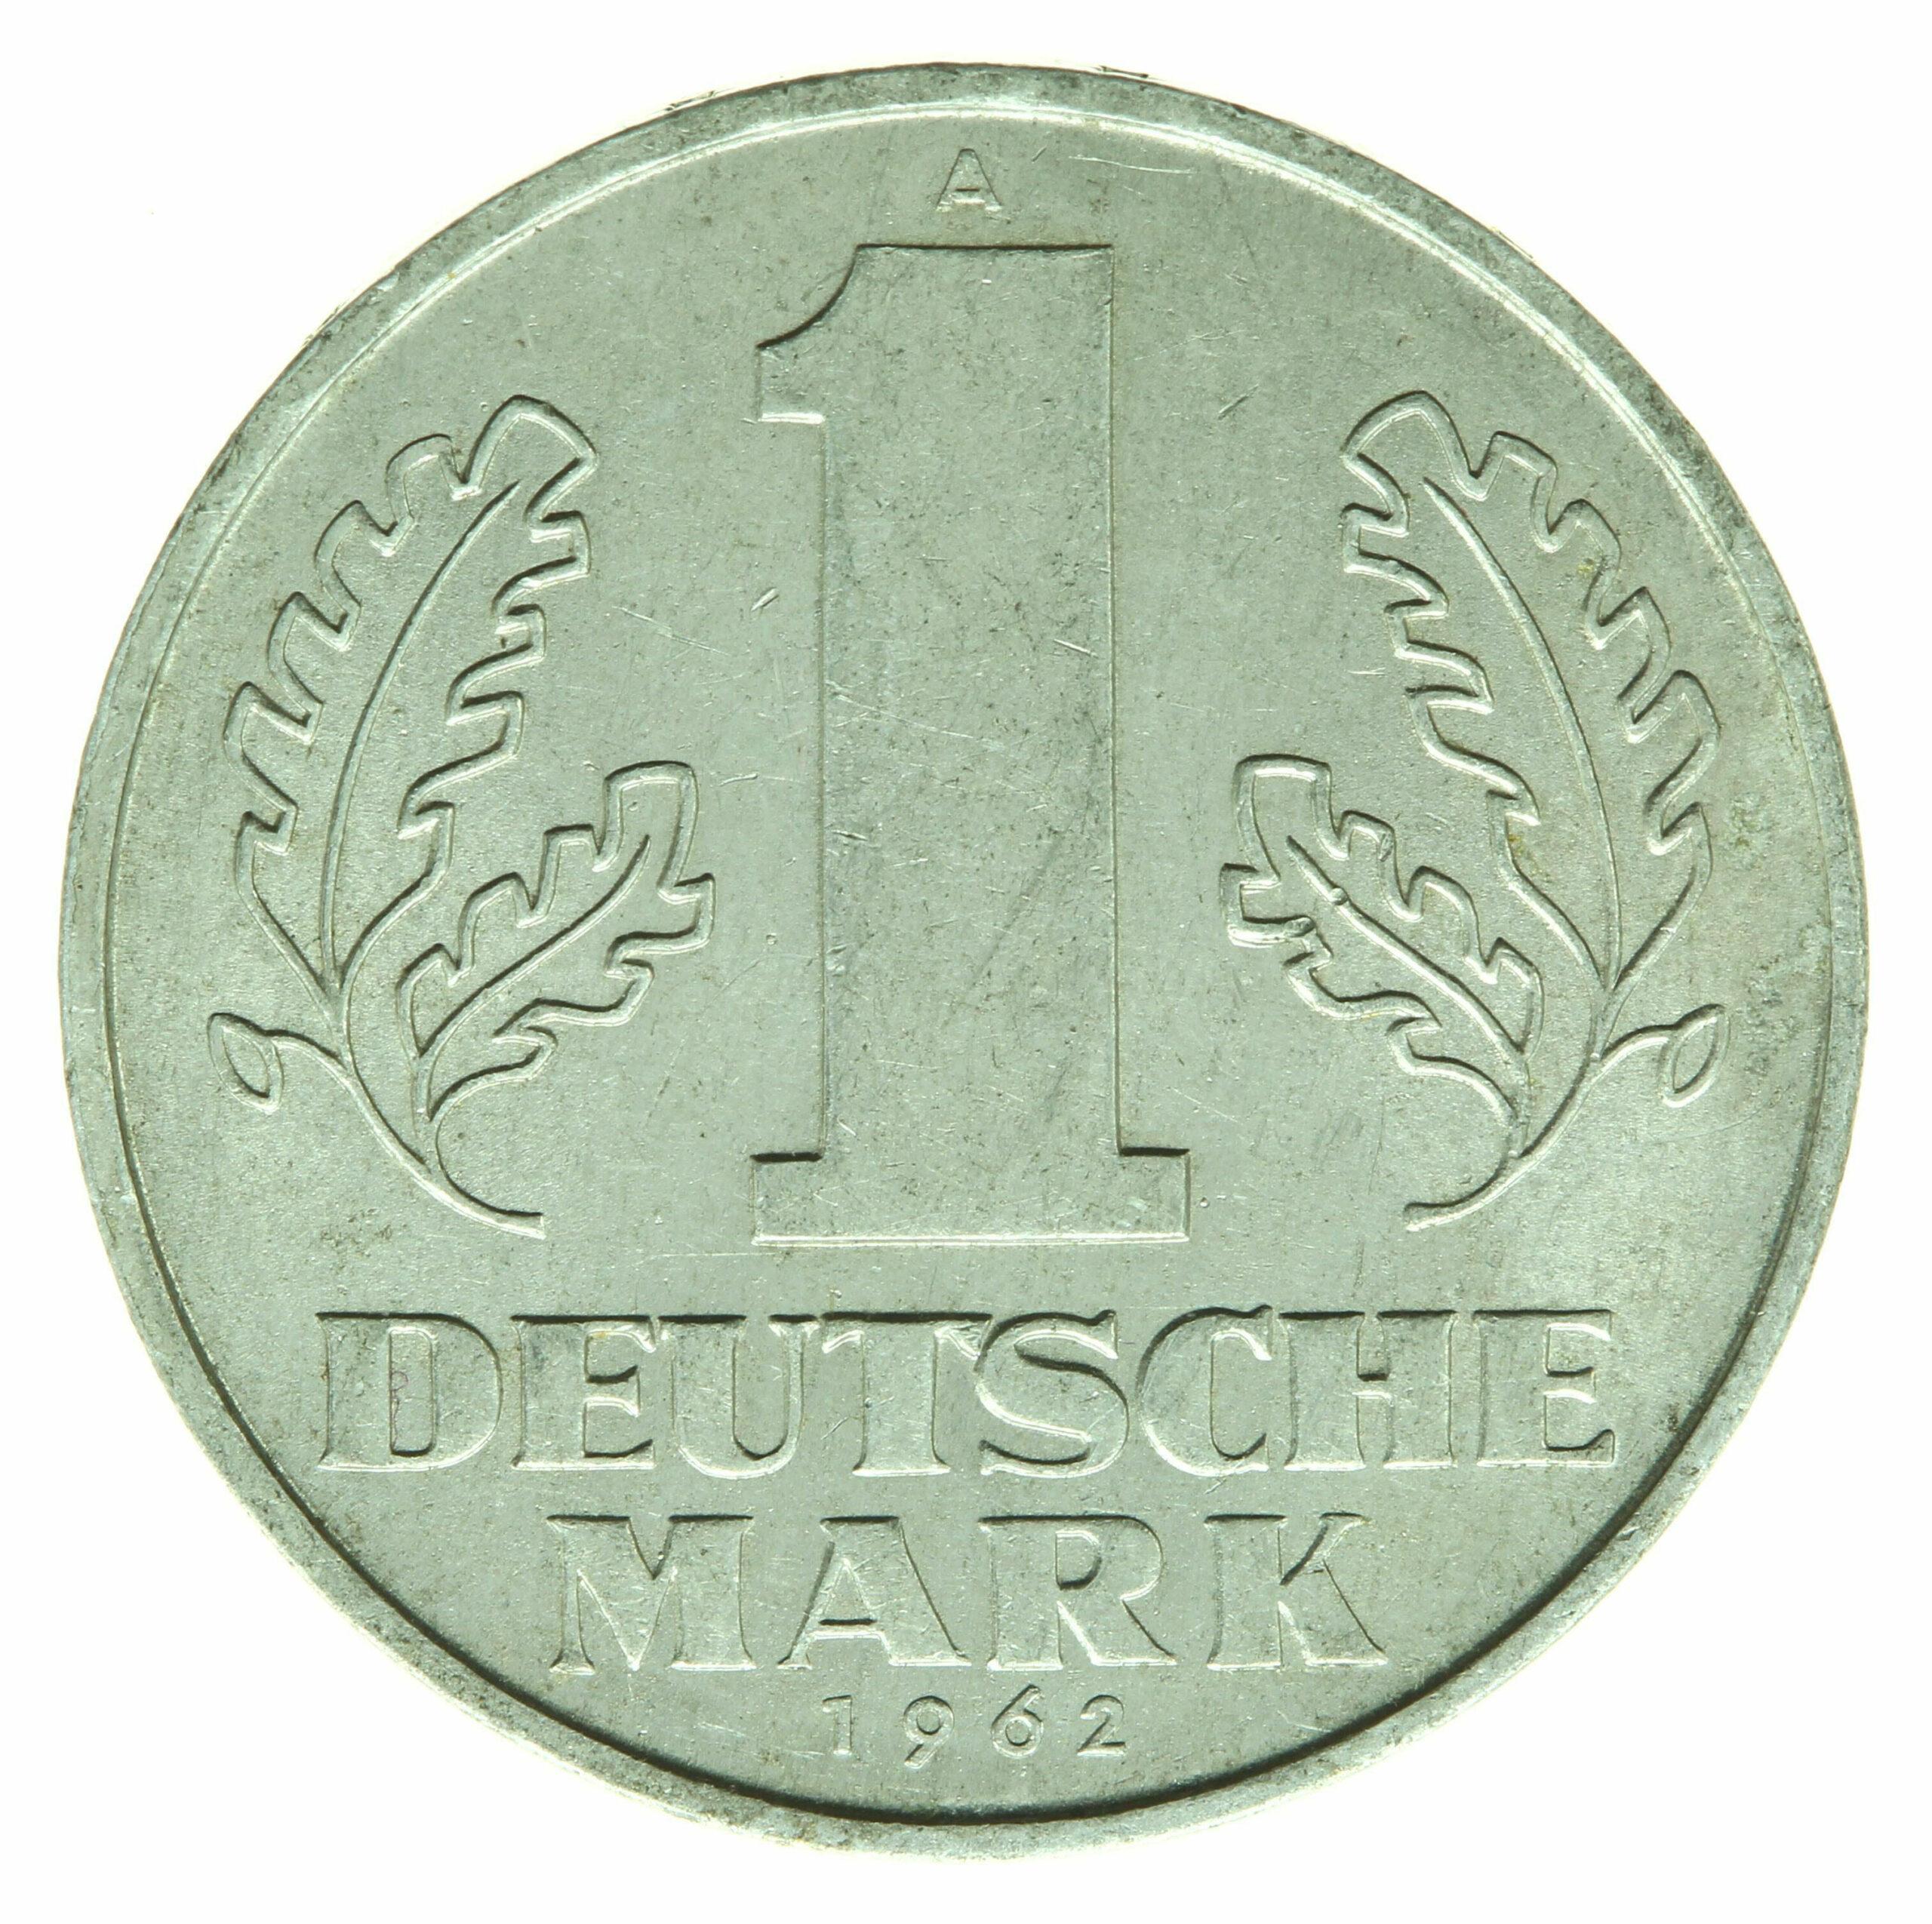 DE 1 Deutsche Mark (Ost) 1962 A